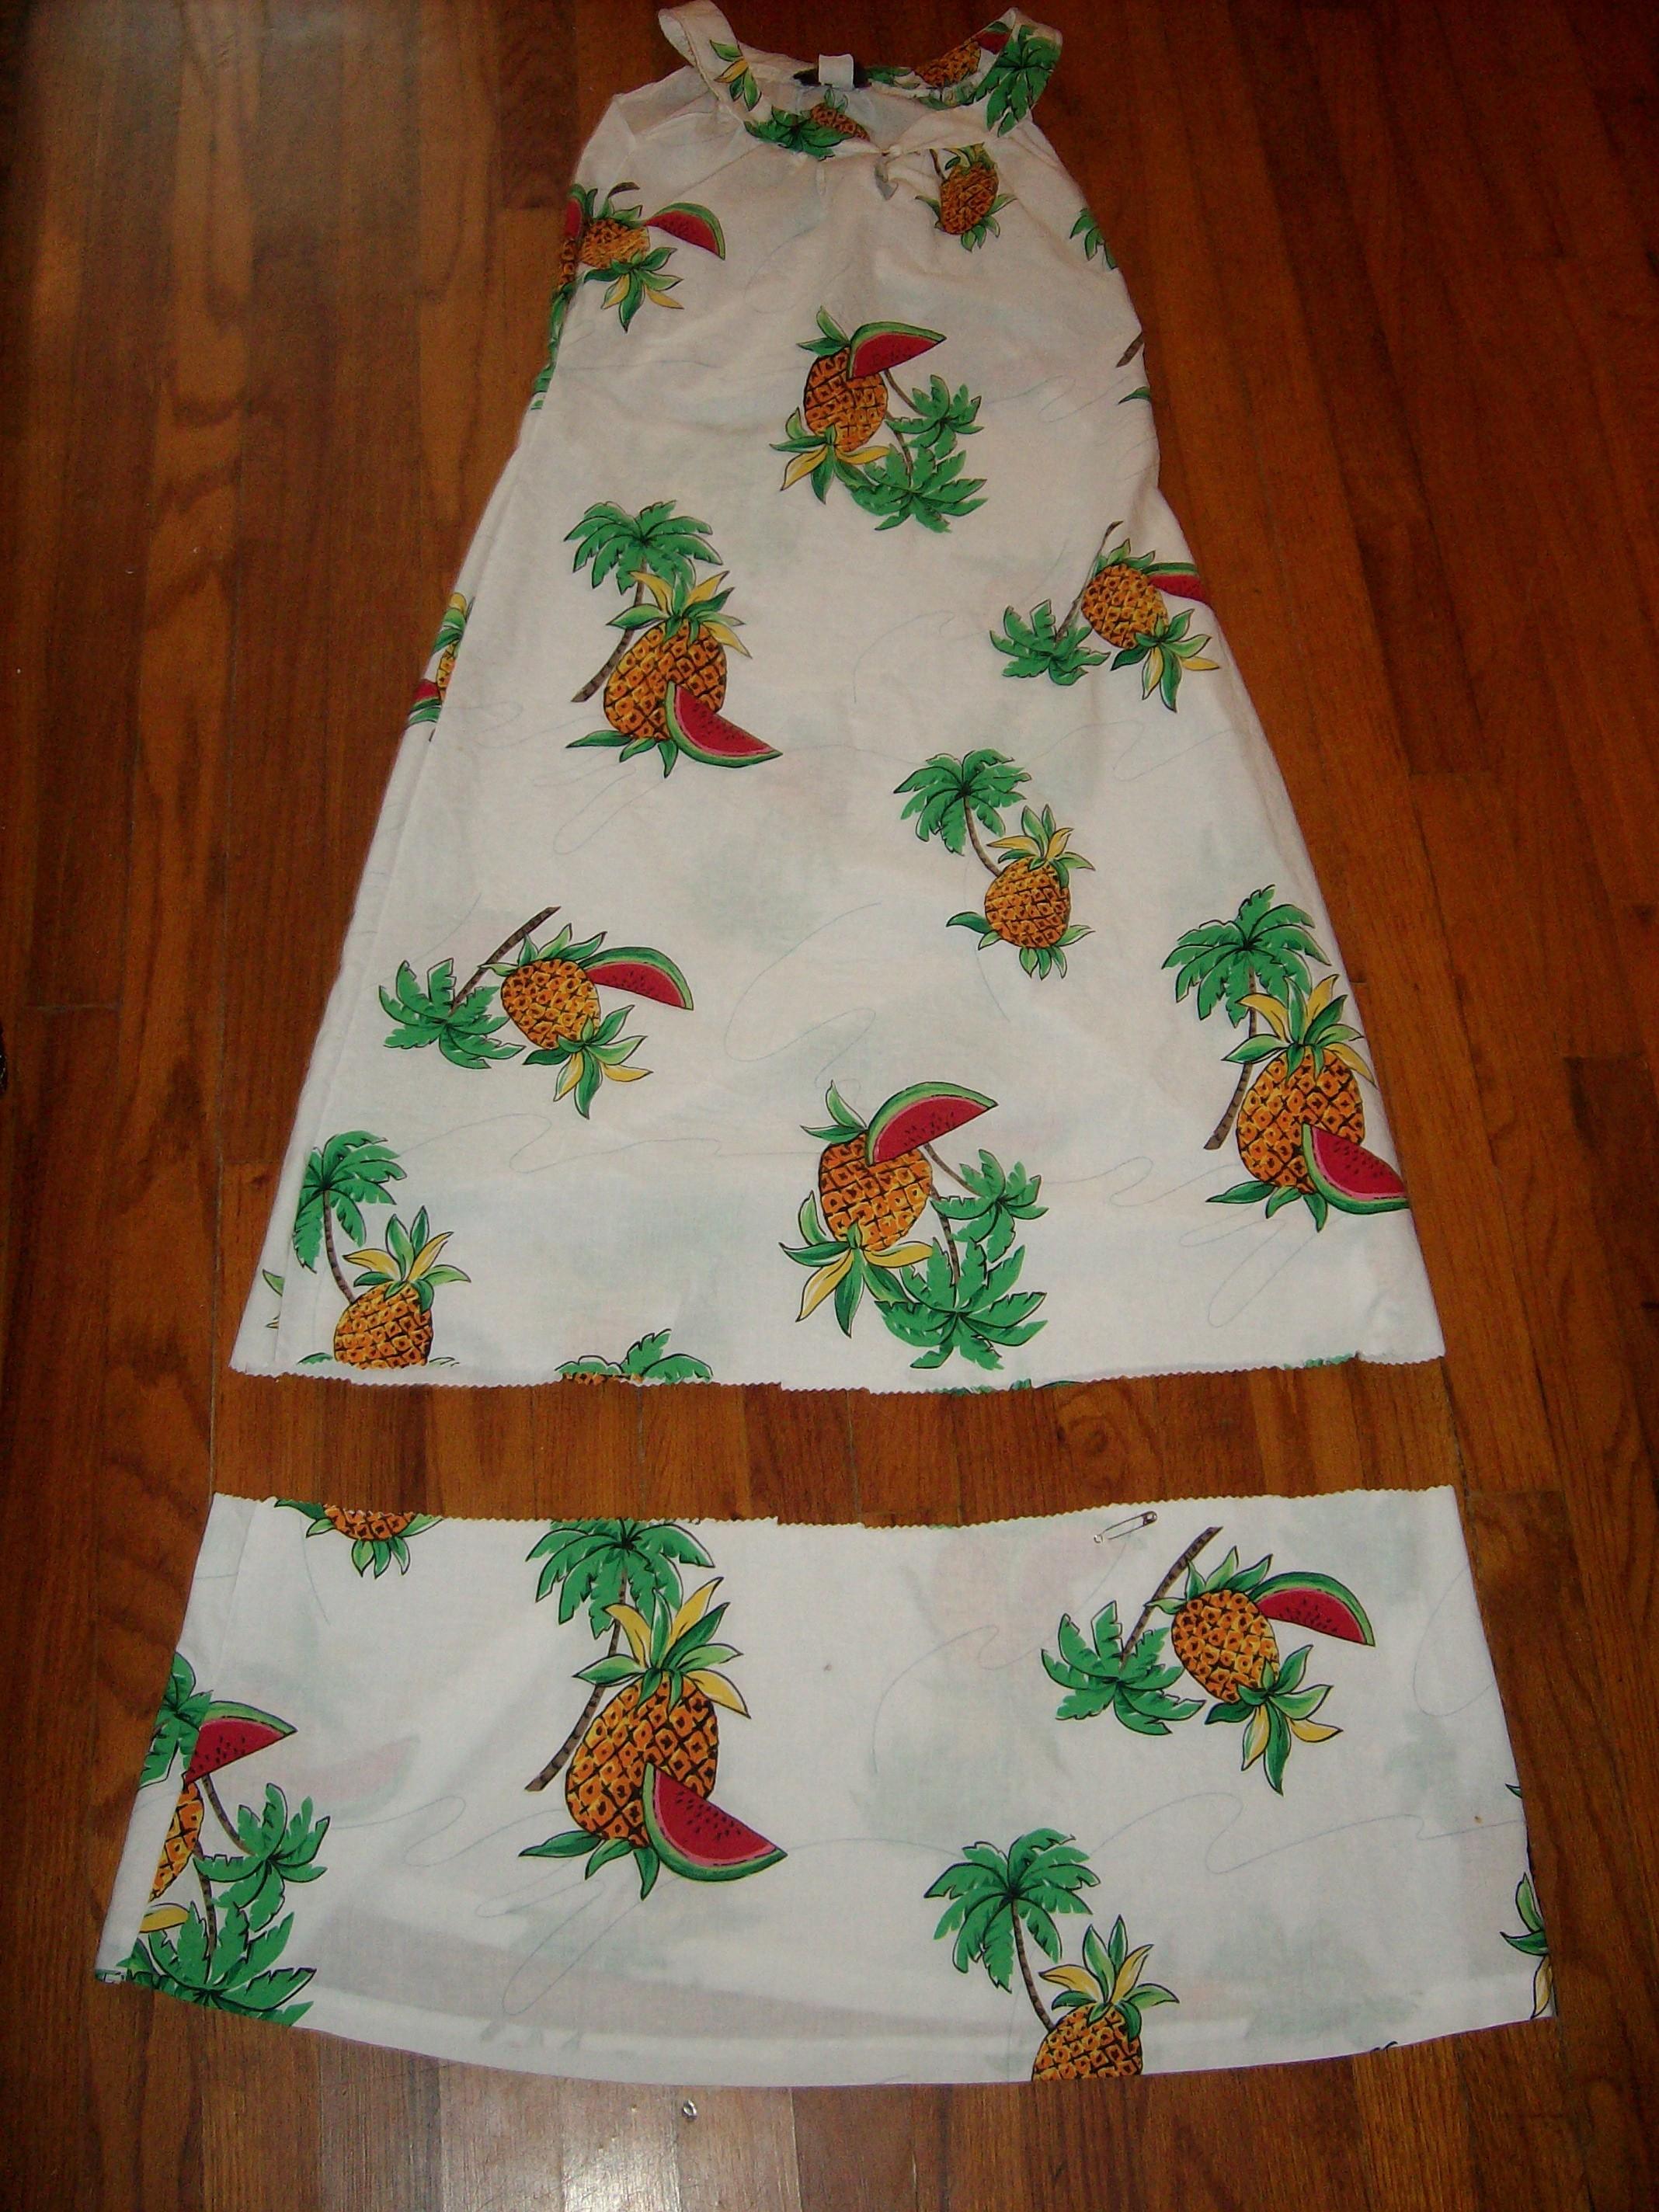 Pineapple Express YoSelf 7